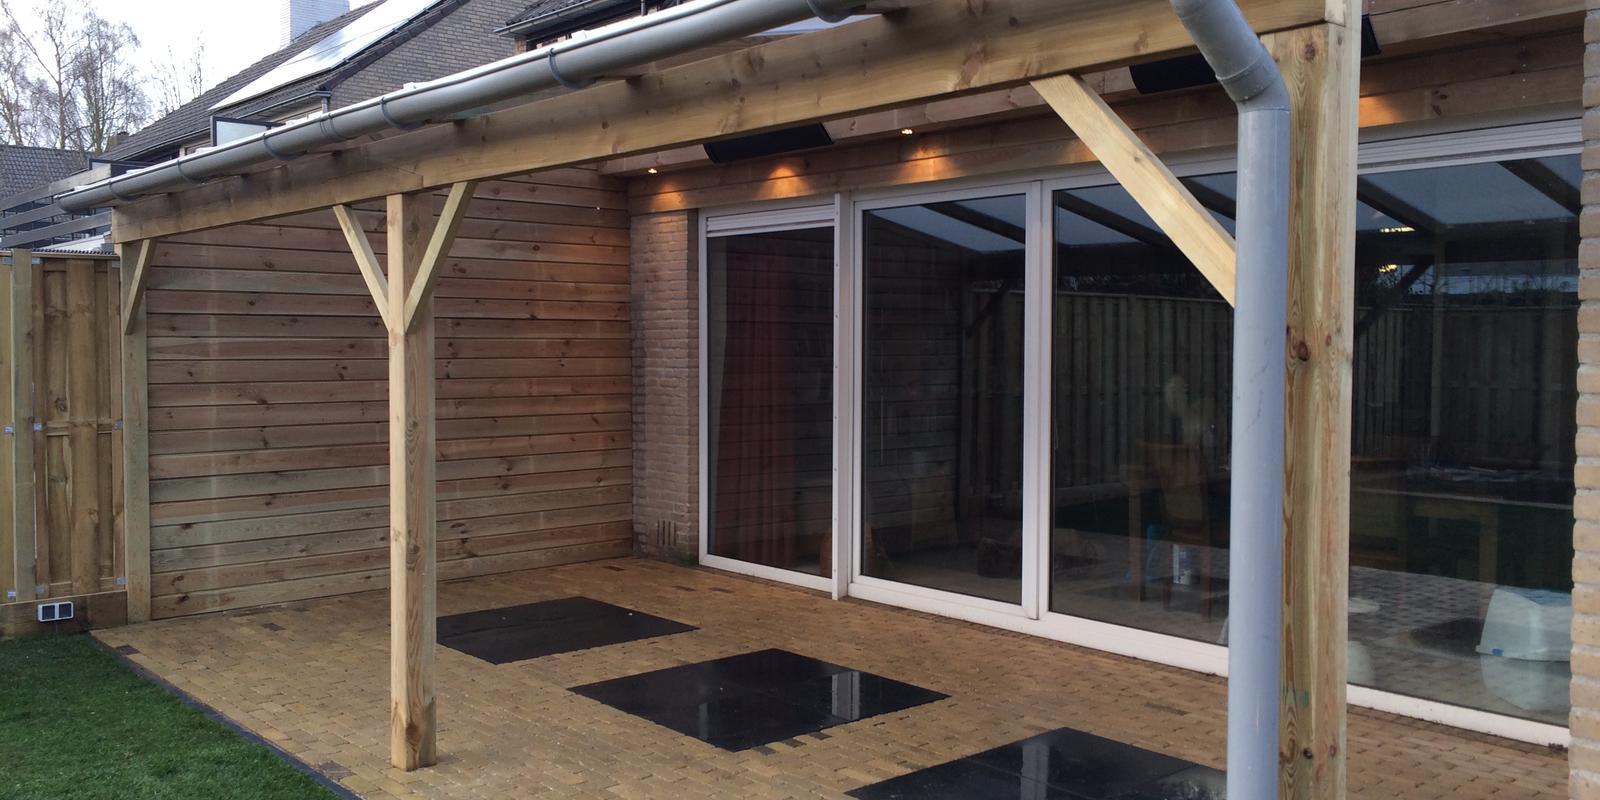 Verwonderlijk Wat kost een houten veranda? Veranda hout prijzen   Slimster KW-74